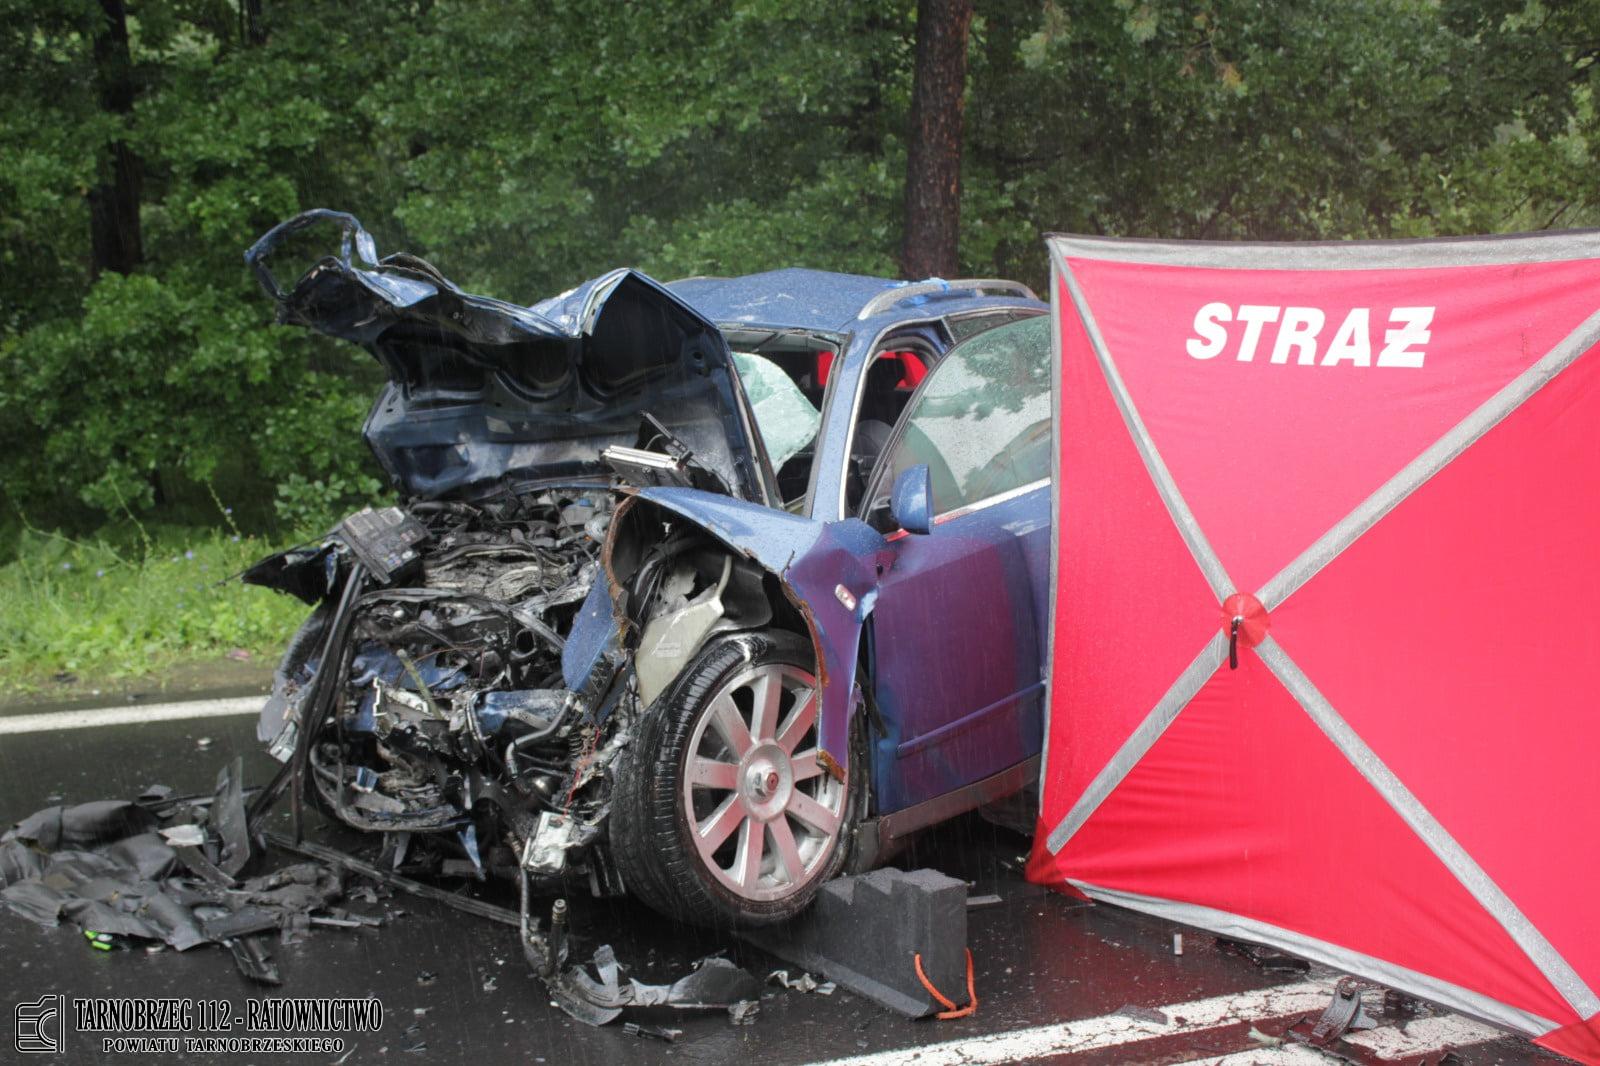 Zabił dwie osoby w wypadku drogowym. Może wyjść ze szpitala do... domu?! - Zdjęcie główne